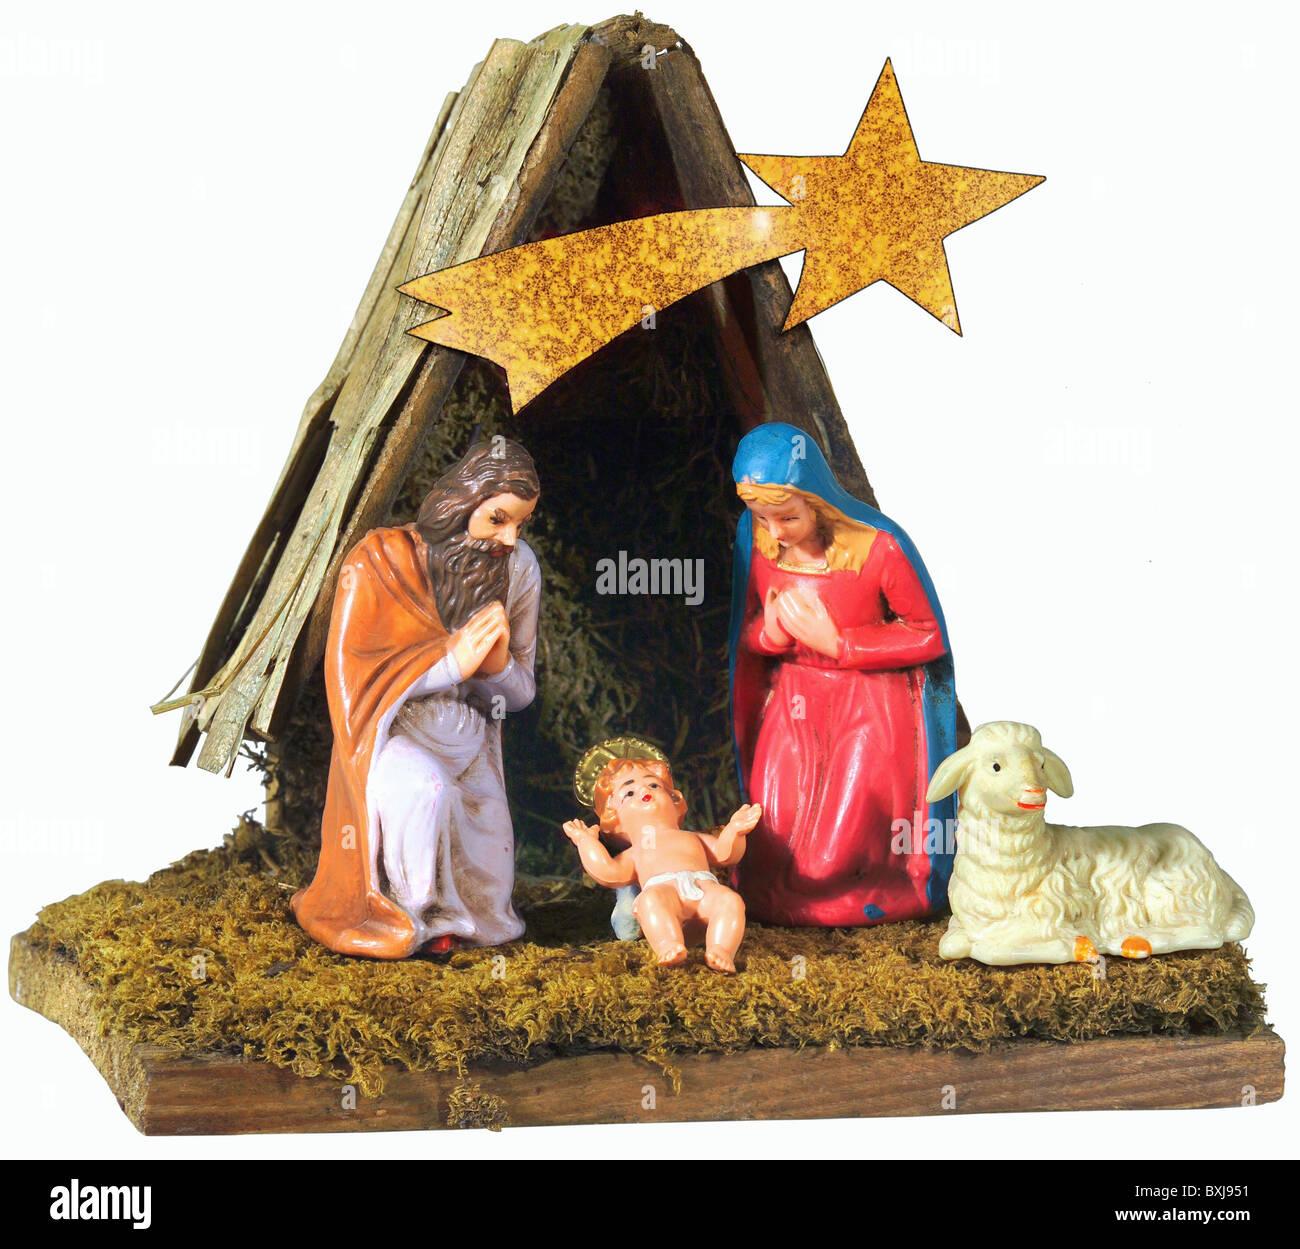 tradition folklore germany creche circa 1955 nativity scene